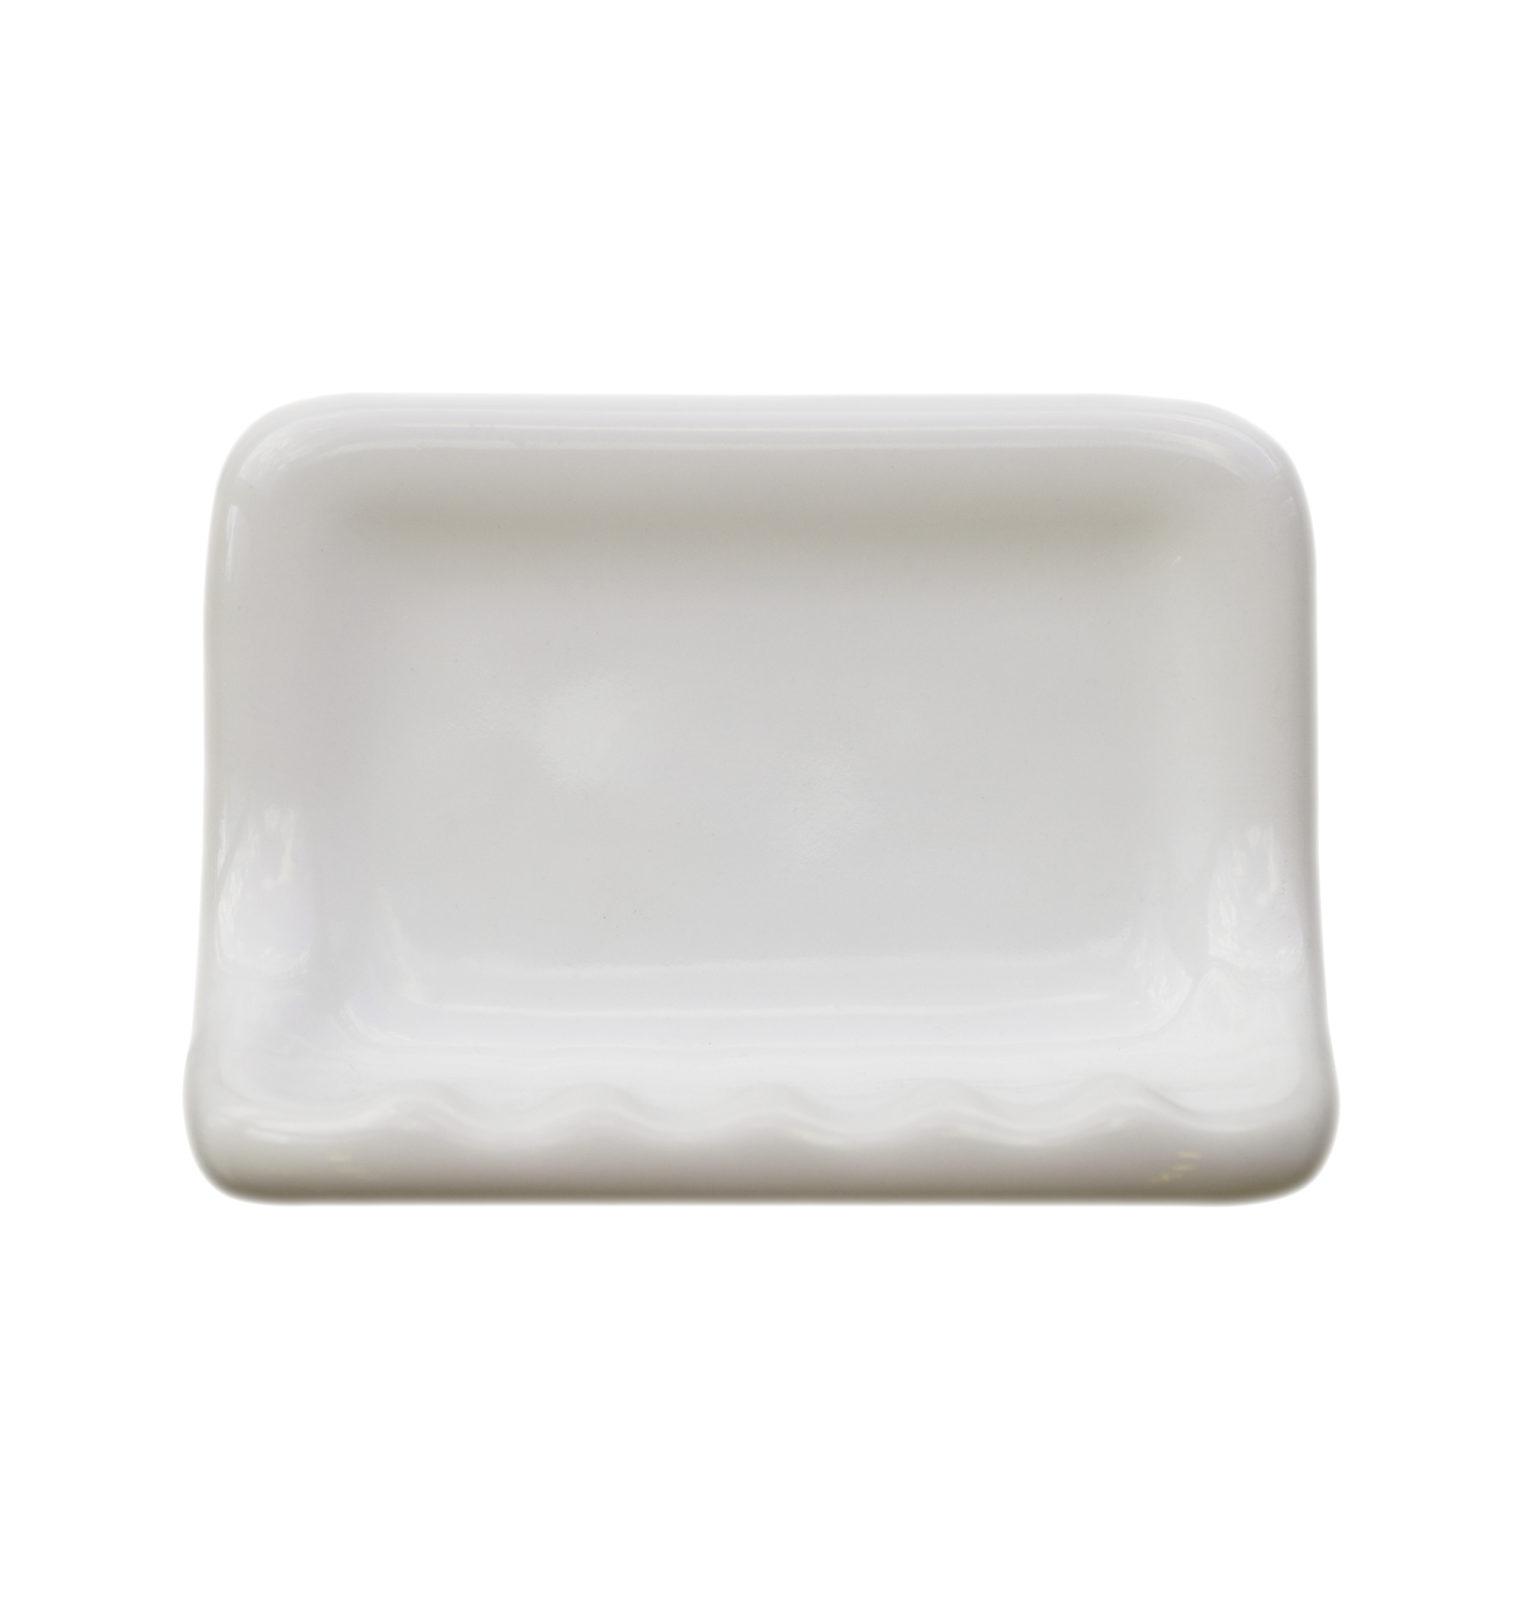 White soap dish